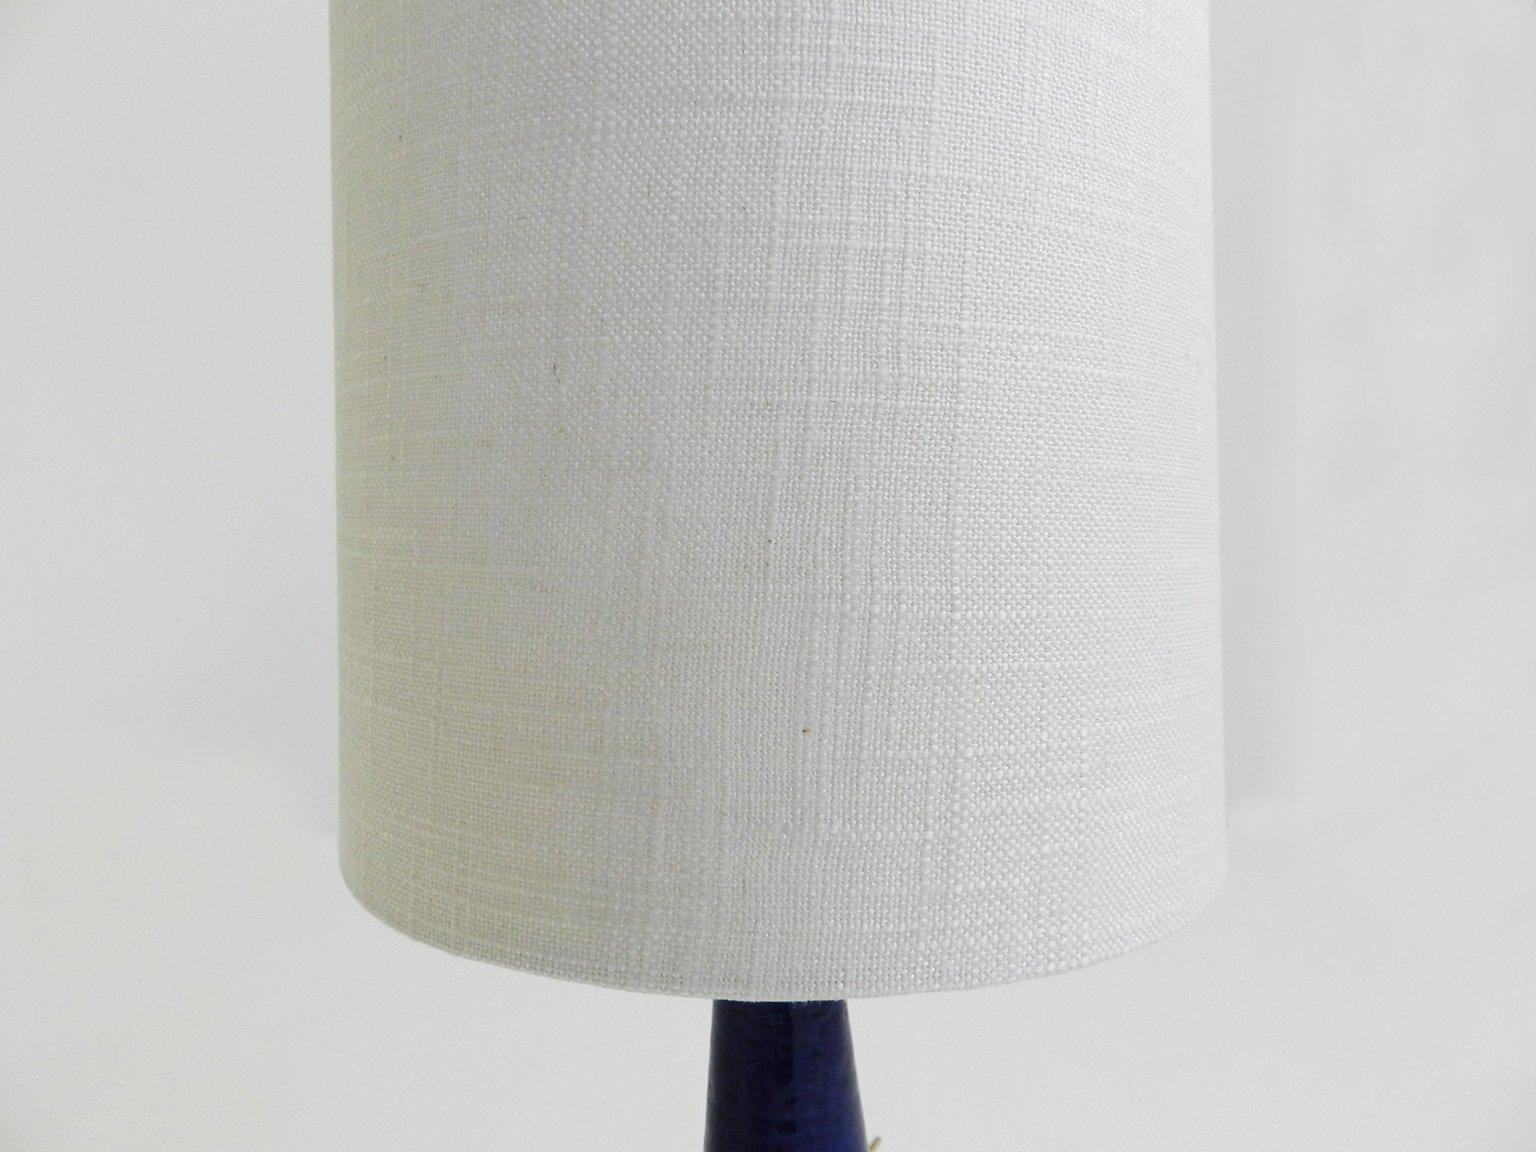 Blue ceramic table lamp - Danish Blue Ceramic Table Lamp By Per Linnemann Schmidt For Palshus